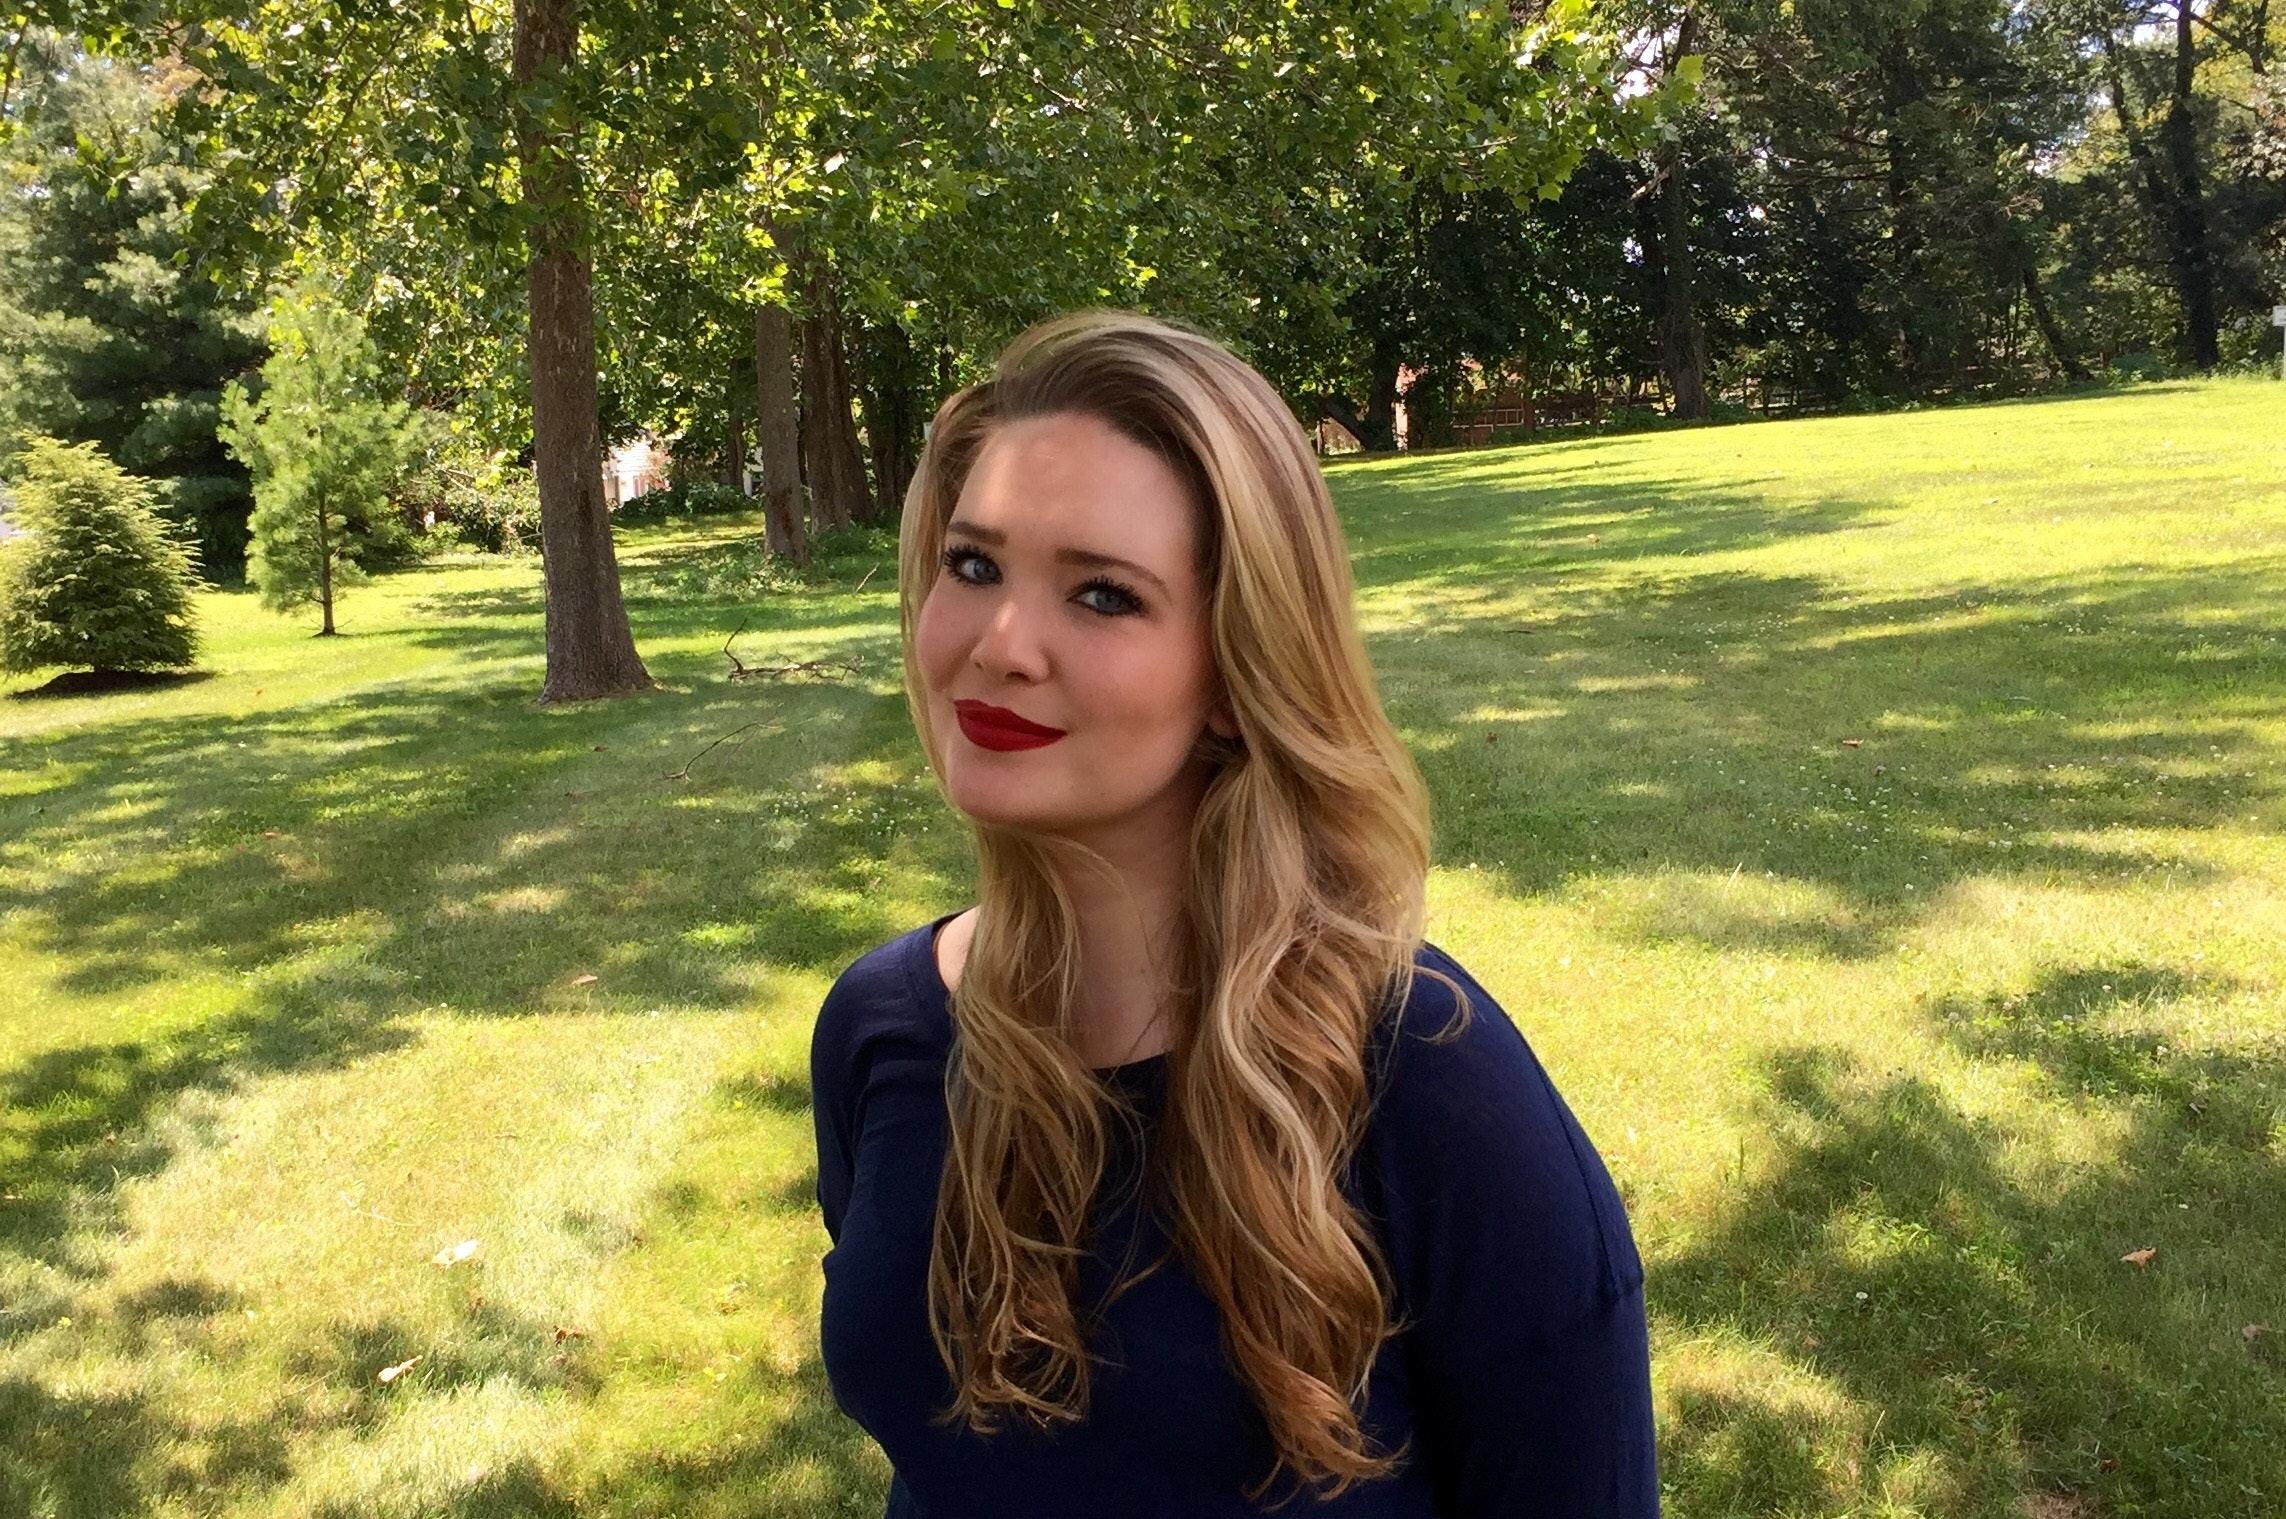 Crescent City: Minden, amit tudunk Sarah J. Maas új, felnőtt Fantasy sorozatáról